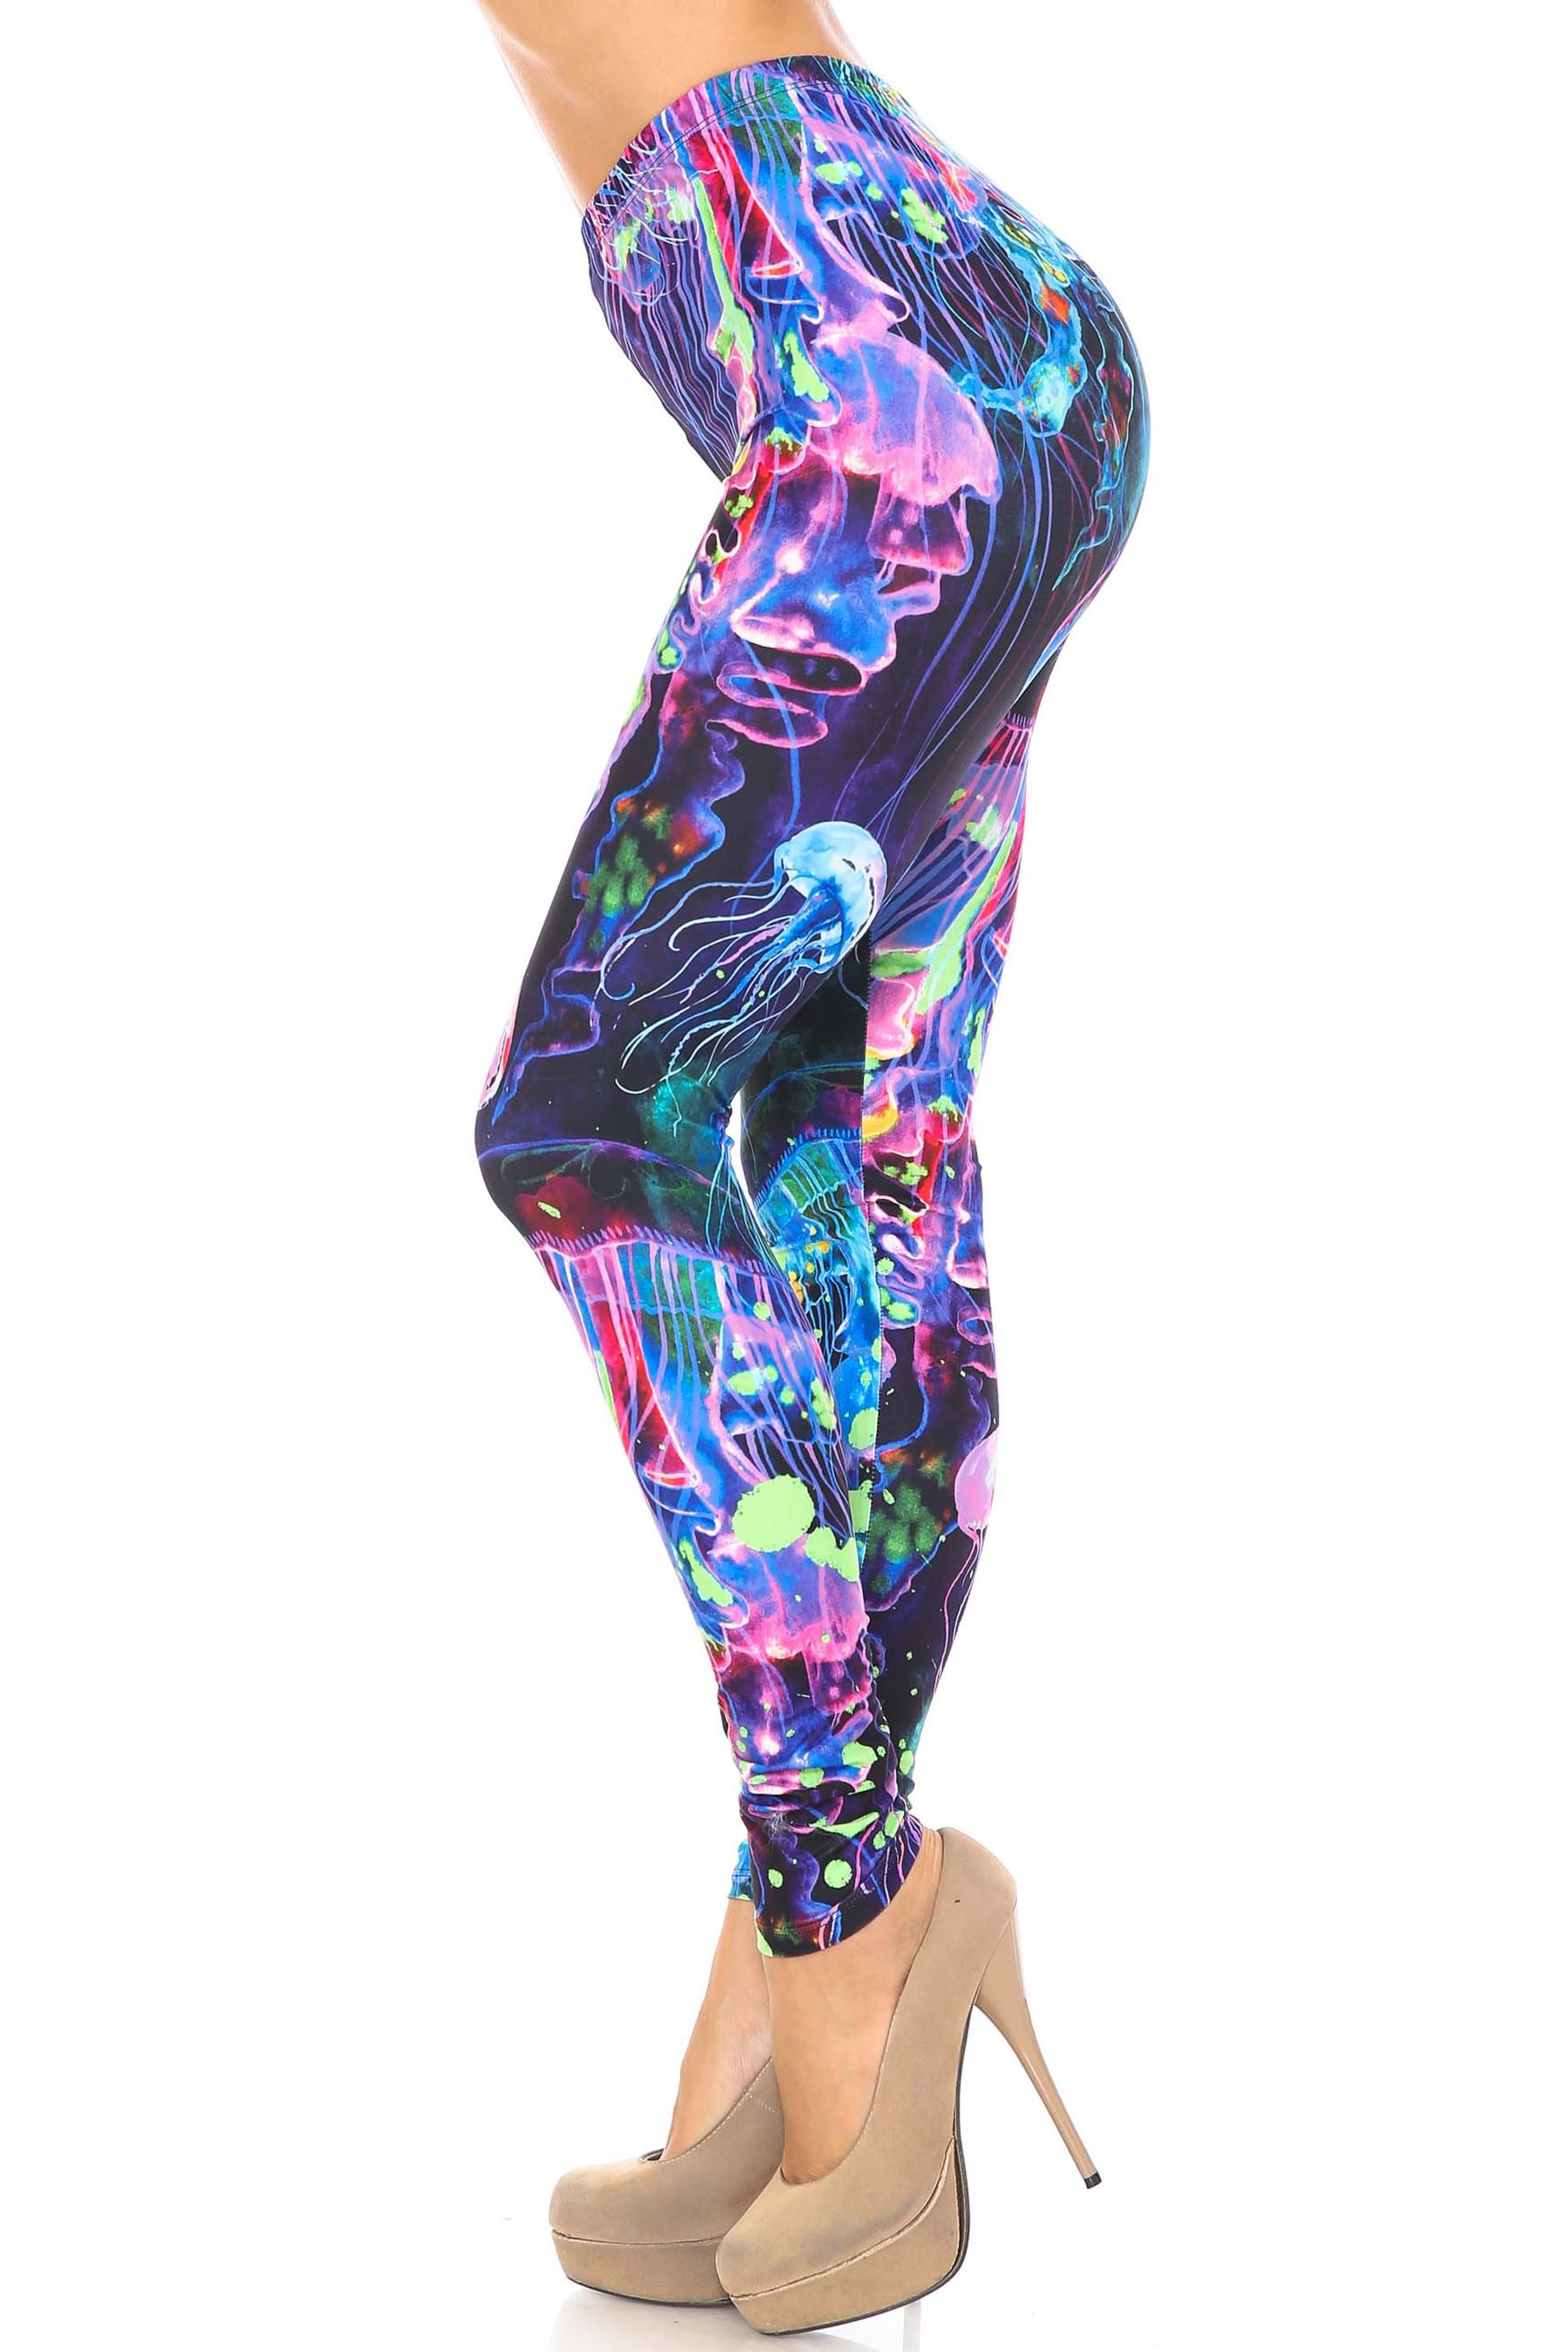 Creamy Soft Luminous Jelly Fish Leggings - USA Fashion™